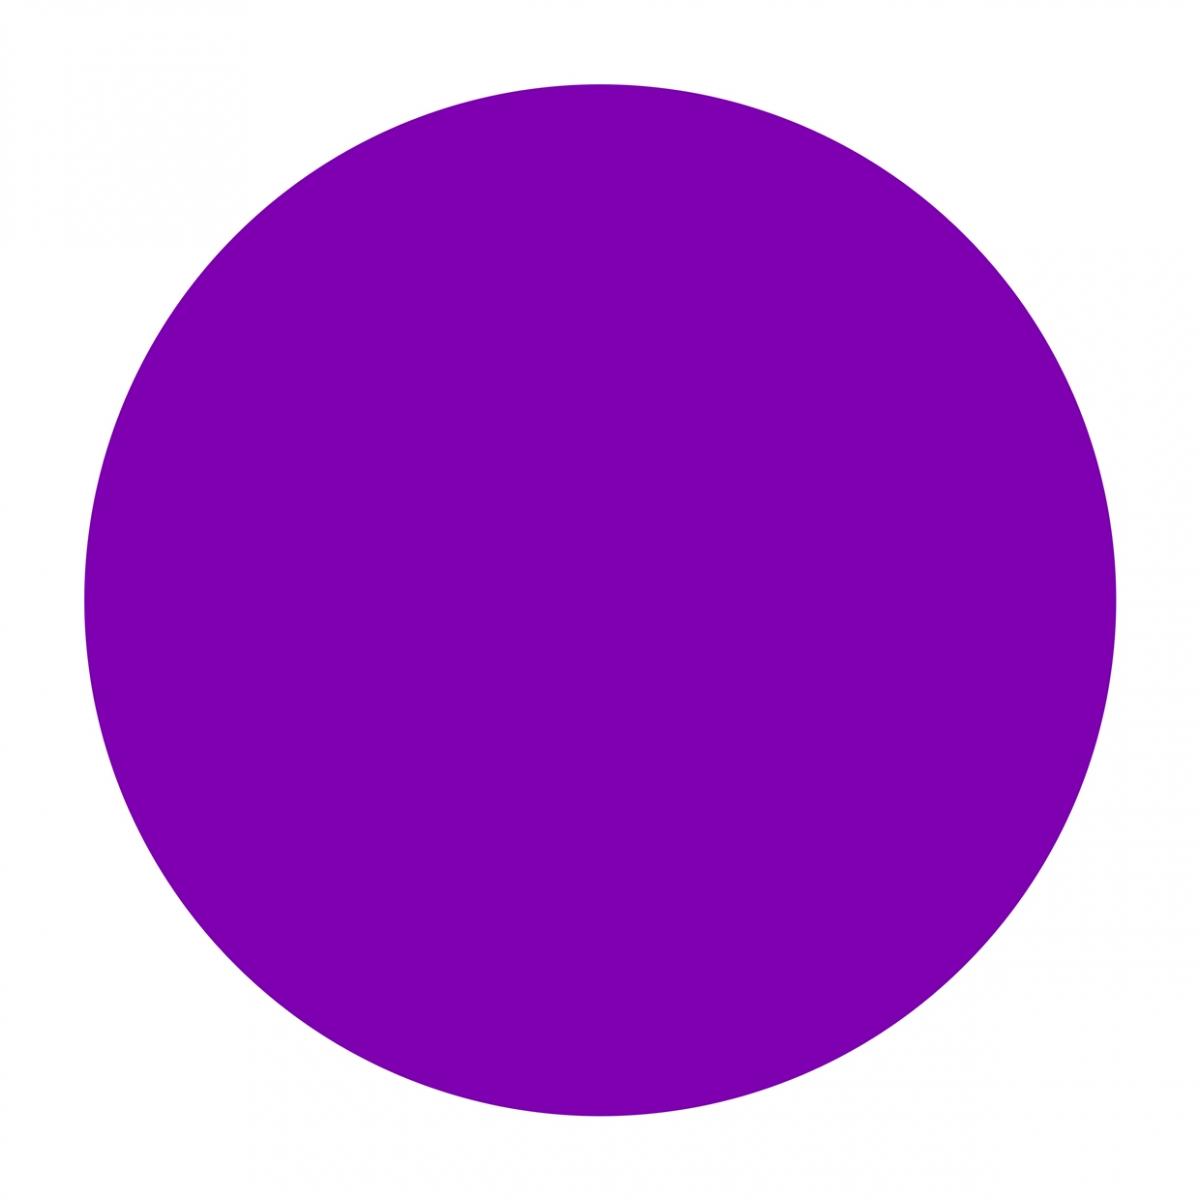 Imagen en la que se ve un círculo de color morado